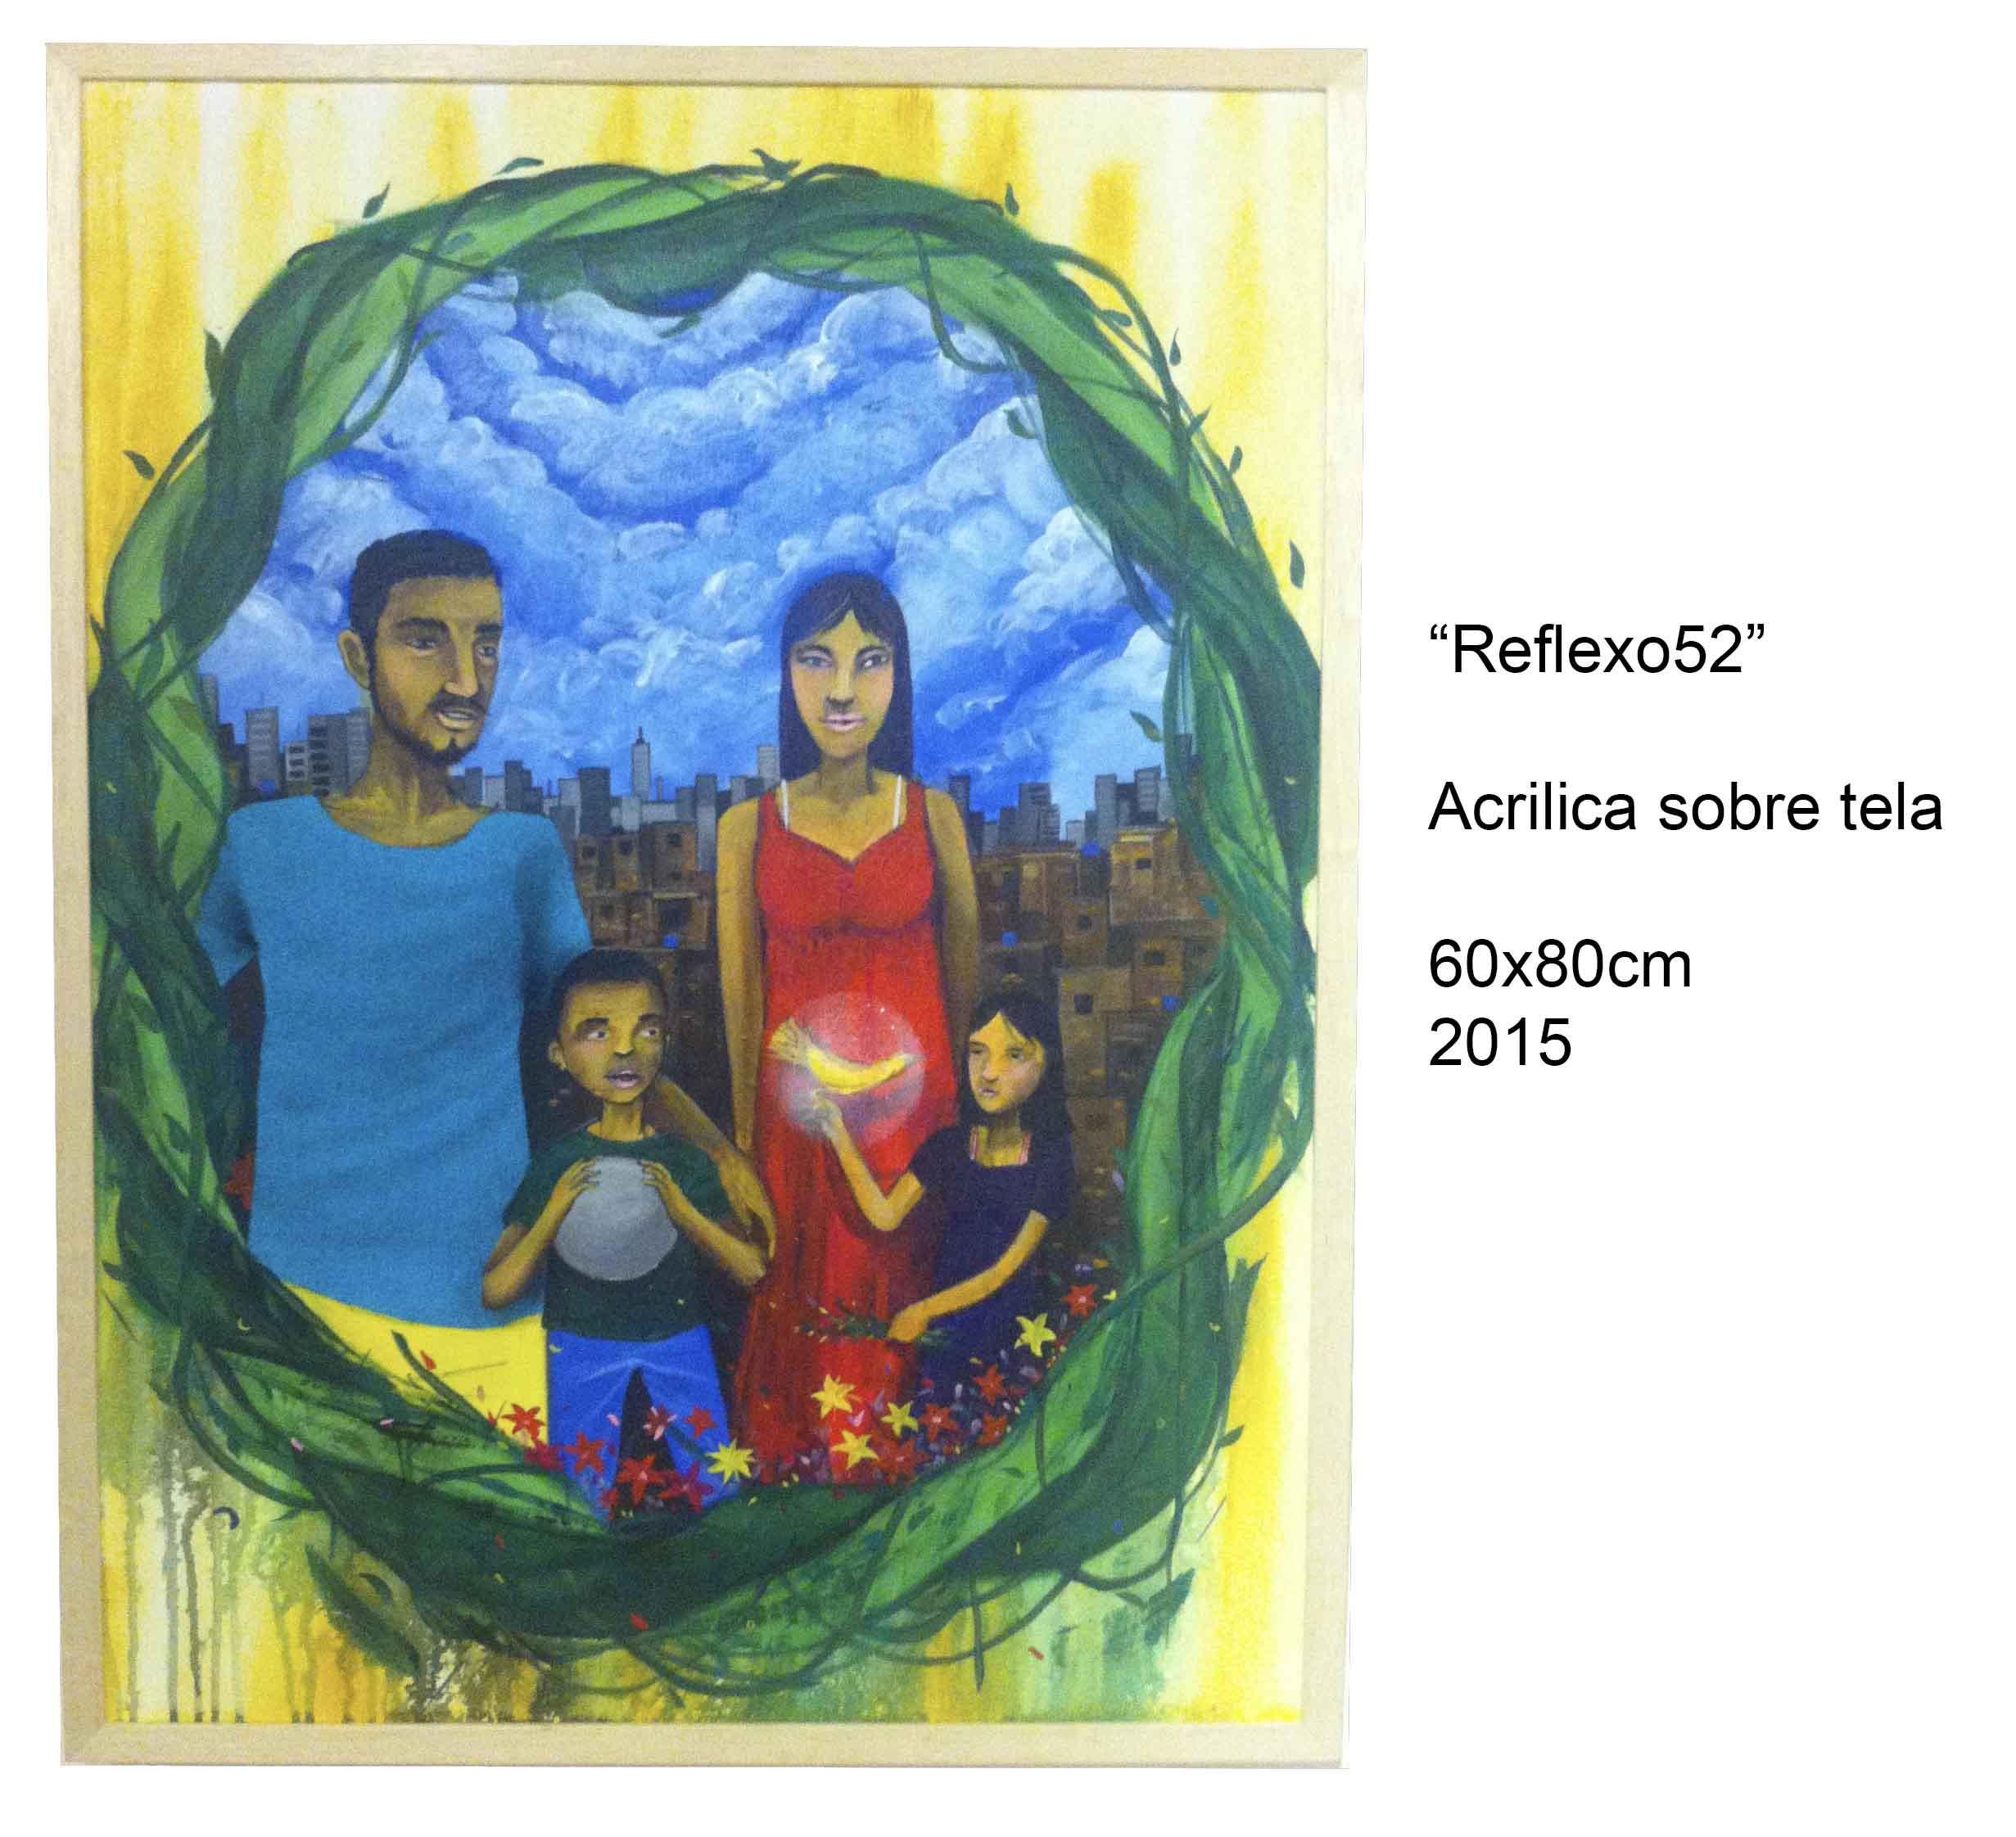 Reflexo 52